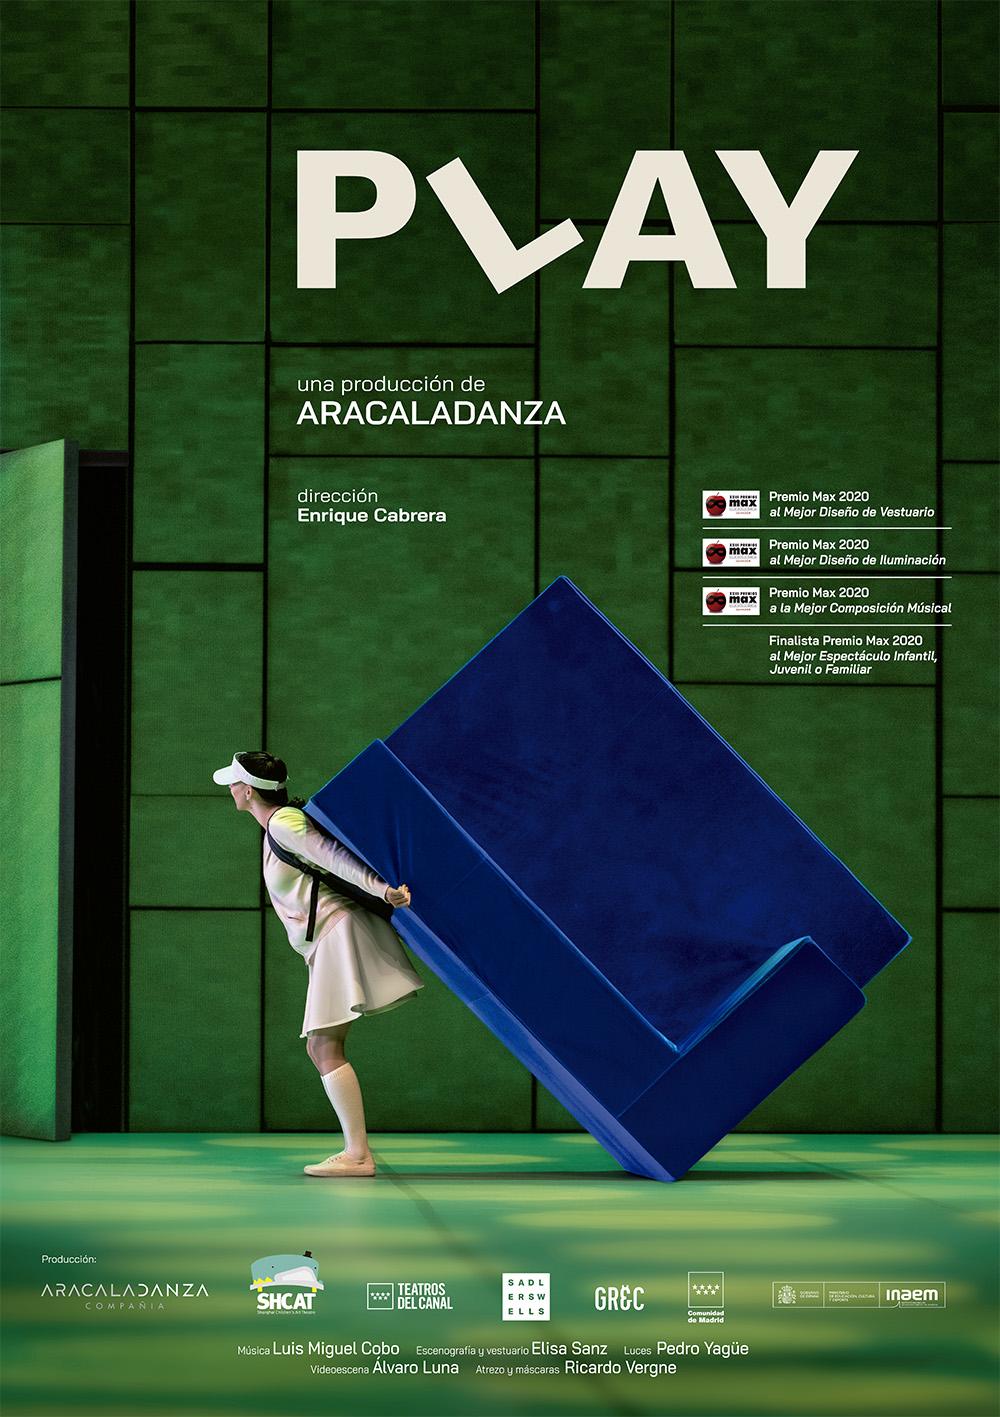 PLAY de Aracaladanza